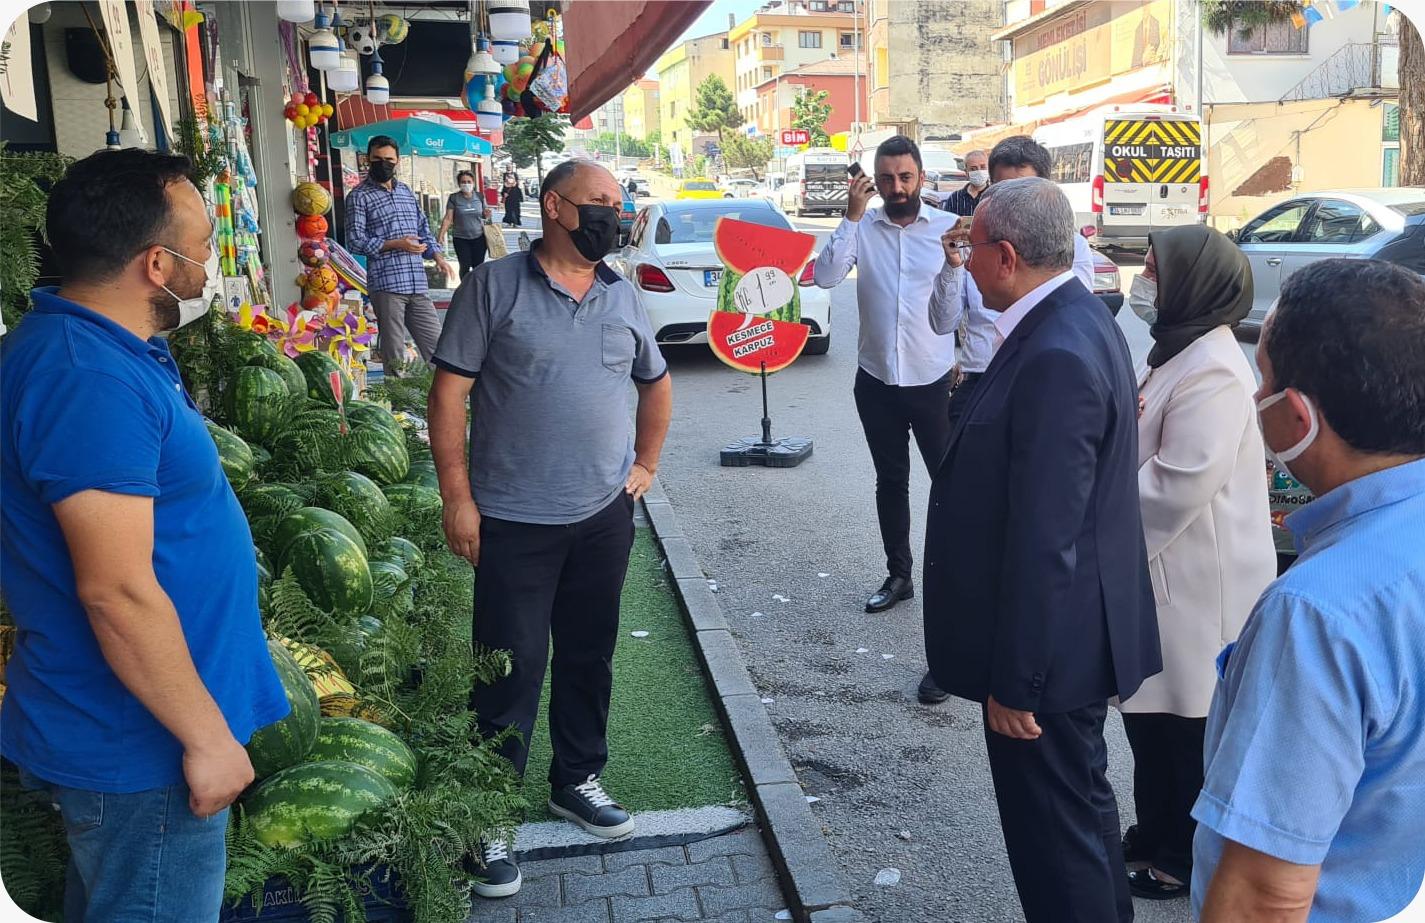 Başkan İsmail Erdem ve ekibi çıtaları zorluyor